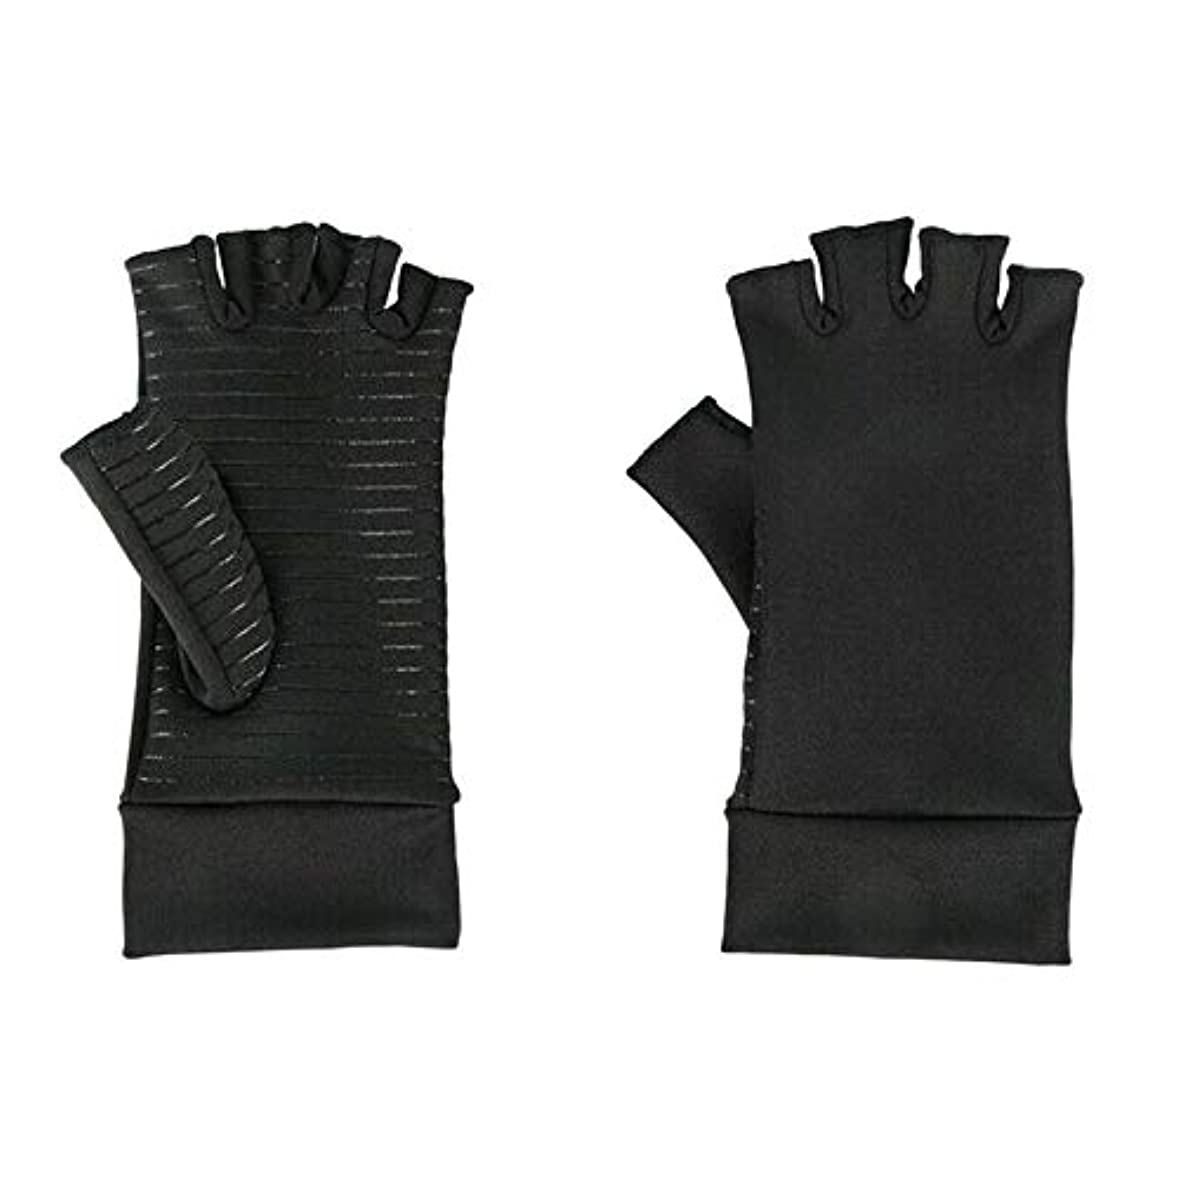 苦ちなみにくるくるACAMPTAR 圧縮手袋、関節炎、手根管、手首の装具、サポート、M